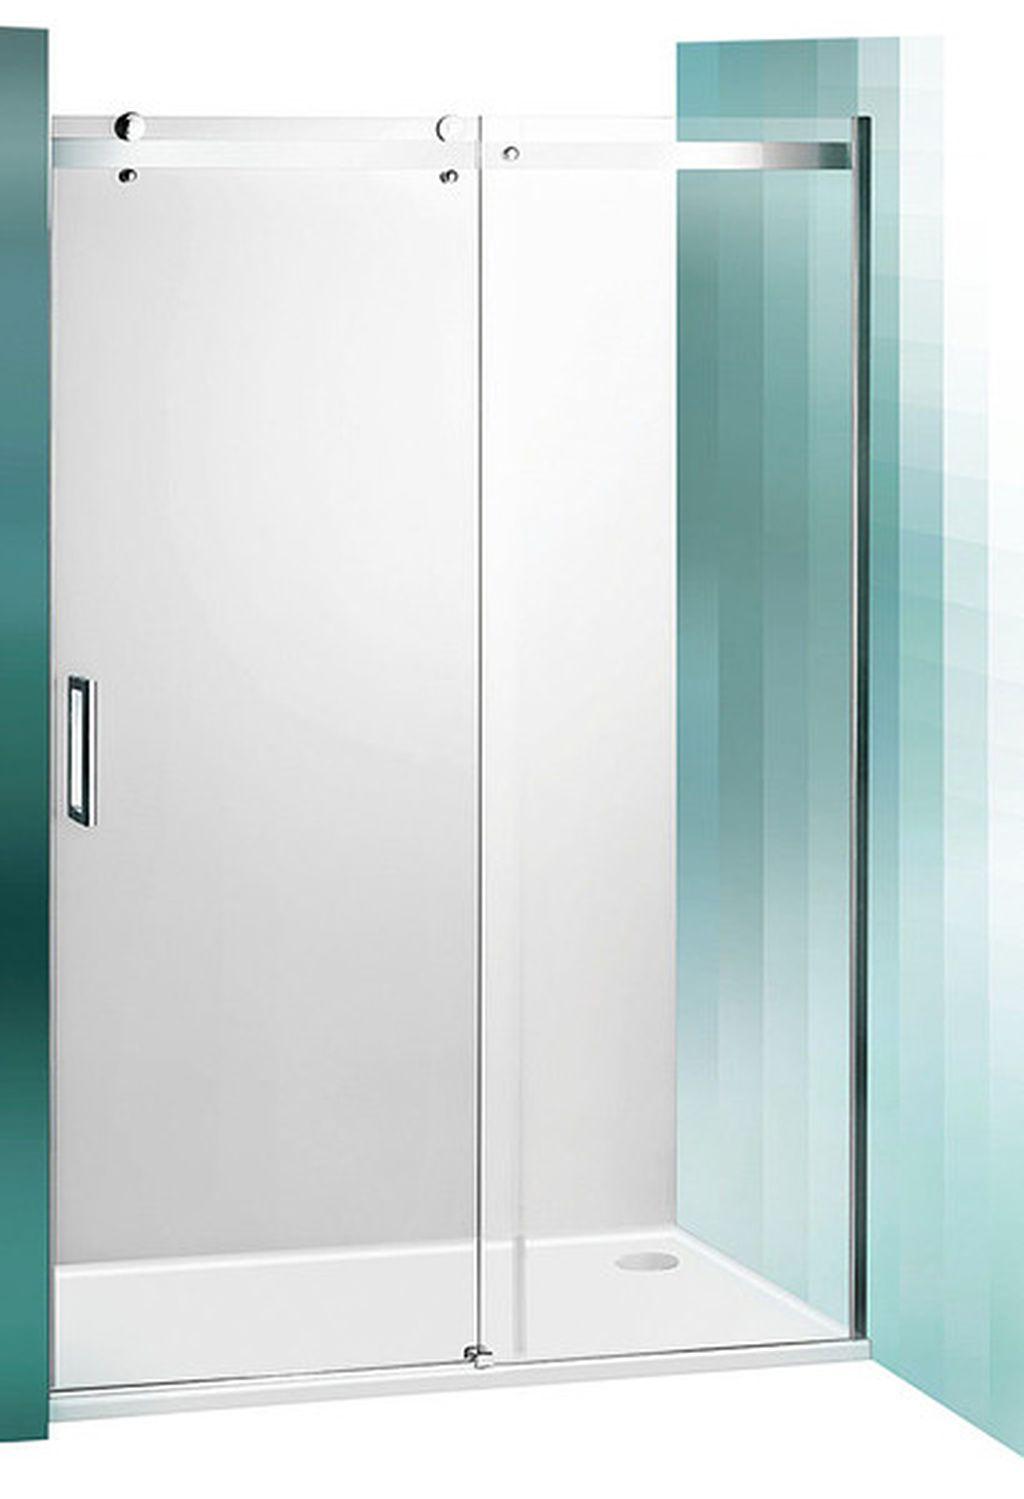 ROLTECHNIK Sprchové dveře posuvné pro instalaci do niky AMD2/1200 brillant/transparent 620-1200000-00-02